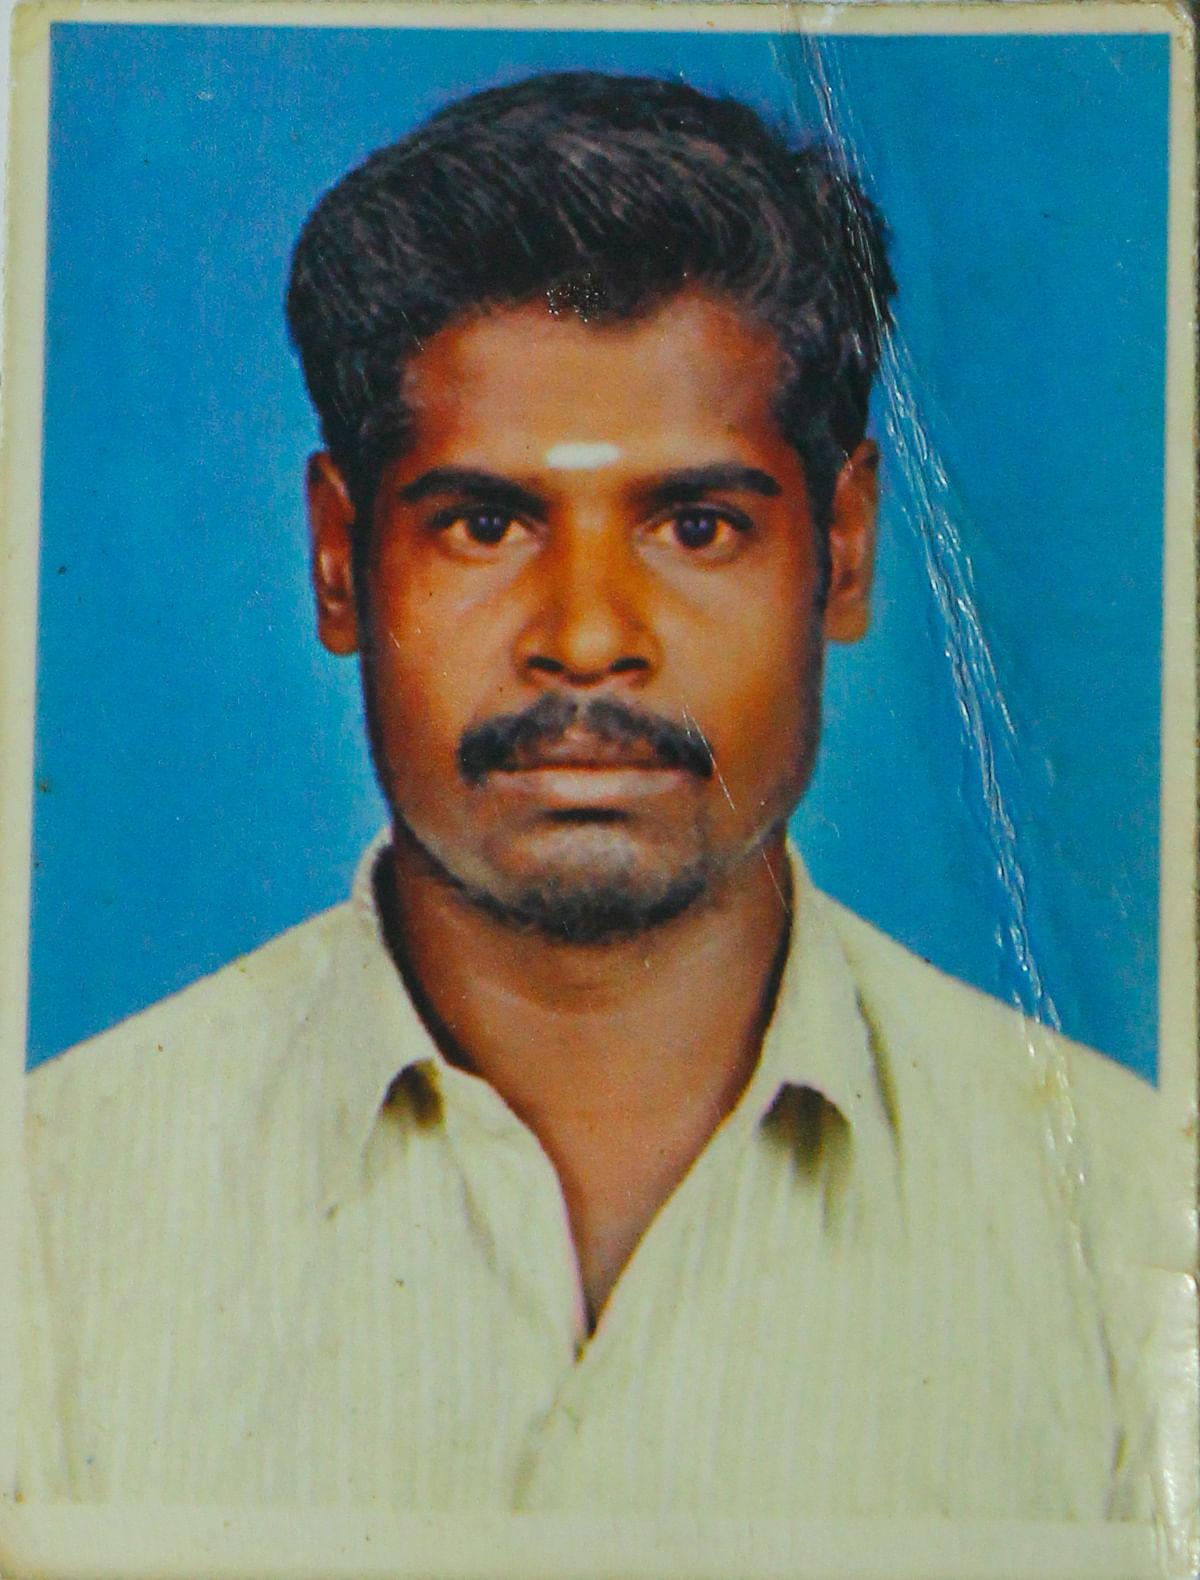 கீதாவின் கணவர் செல்வராஜ்